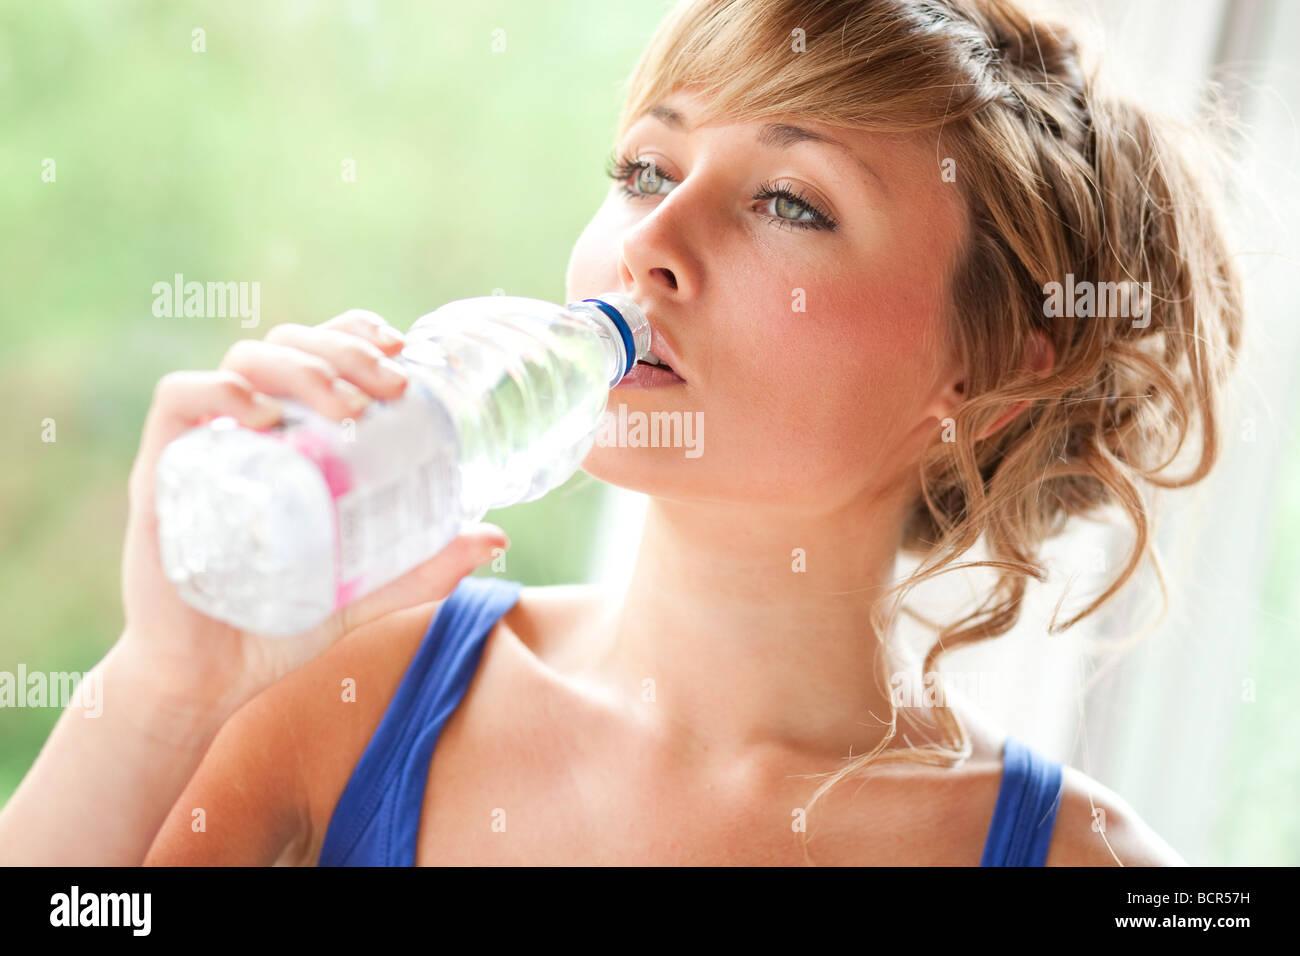 Mädchen trinken Glas Wasser Stockbild